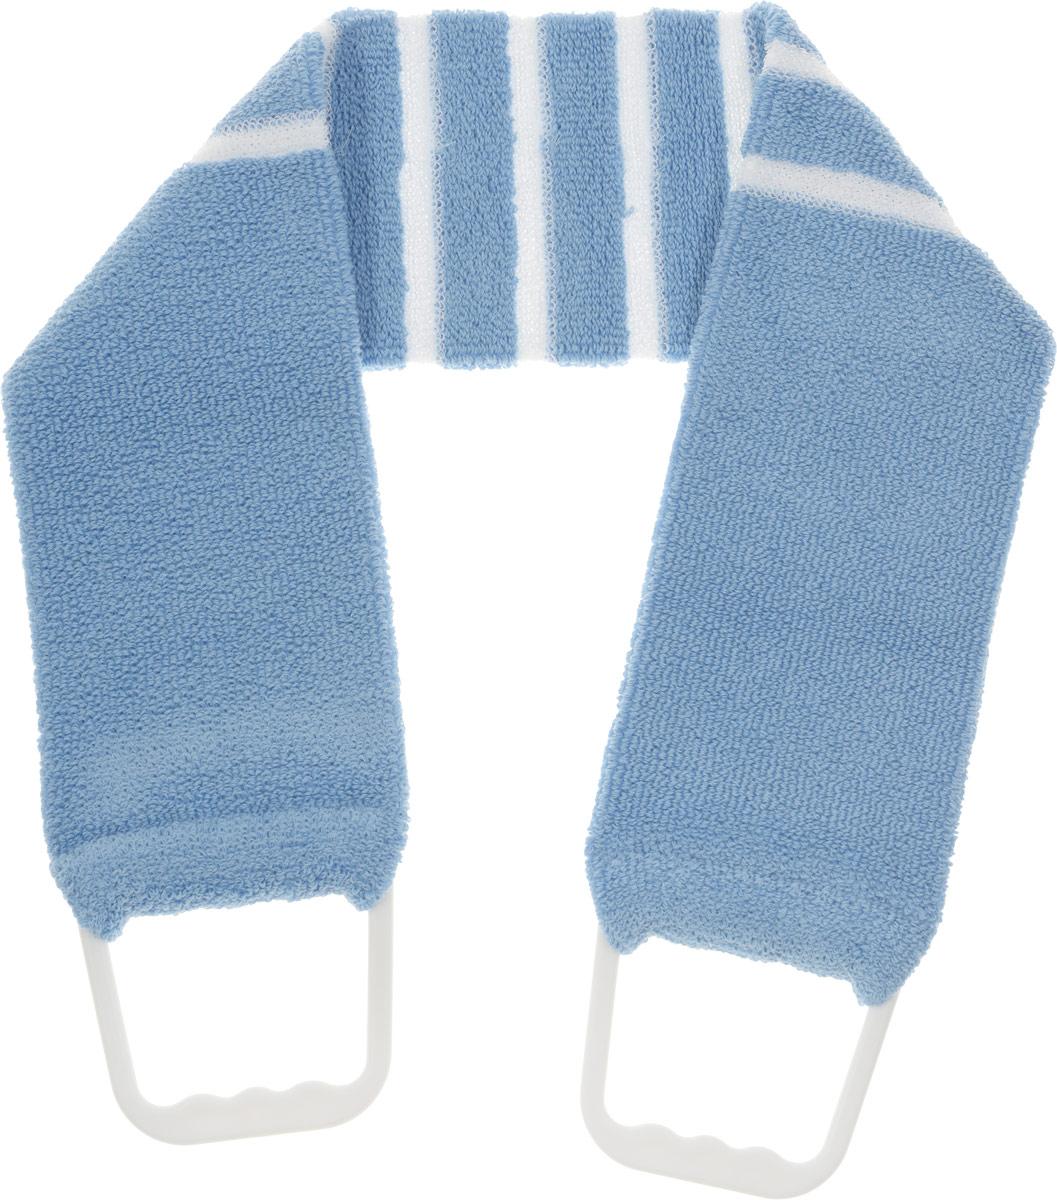 Мочалка-пояс Riffi, мягкая, с массажными полосками, цвет: голубой426_голубой